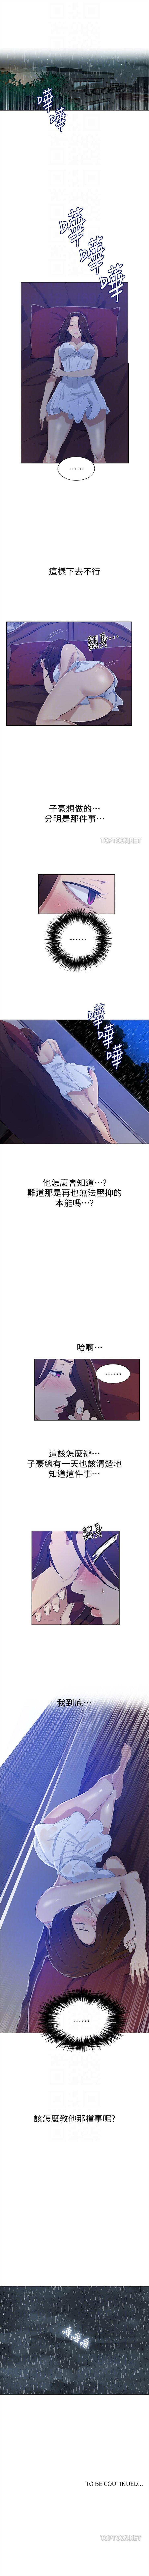 秘密教學  1-50 官方中文(連載中) 139